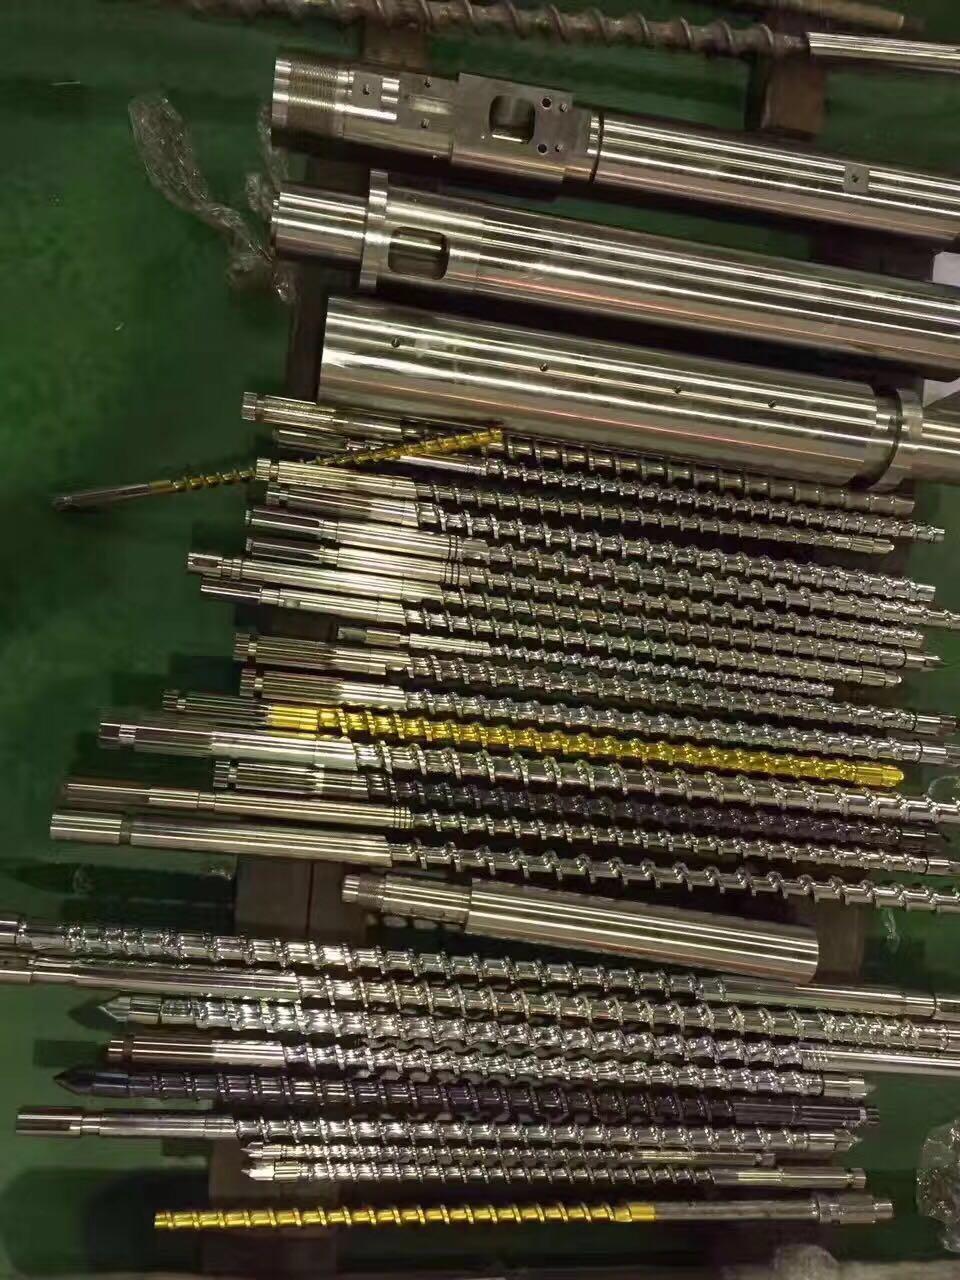 注塑机料筒螺杆批发销售 二手注塑机批发 低价转让 出售 市场 回